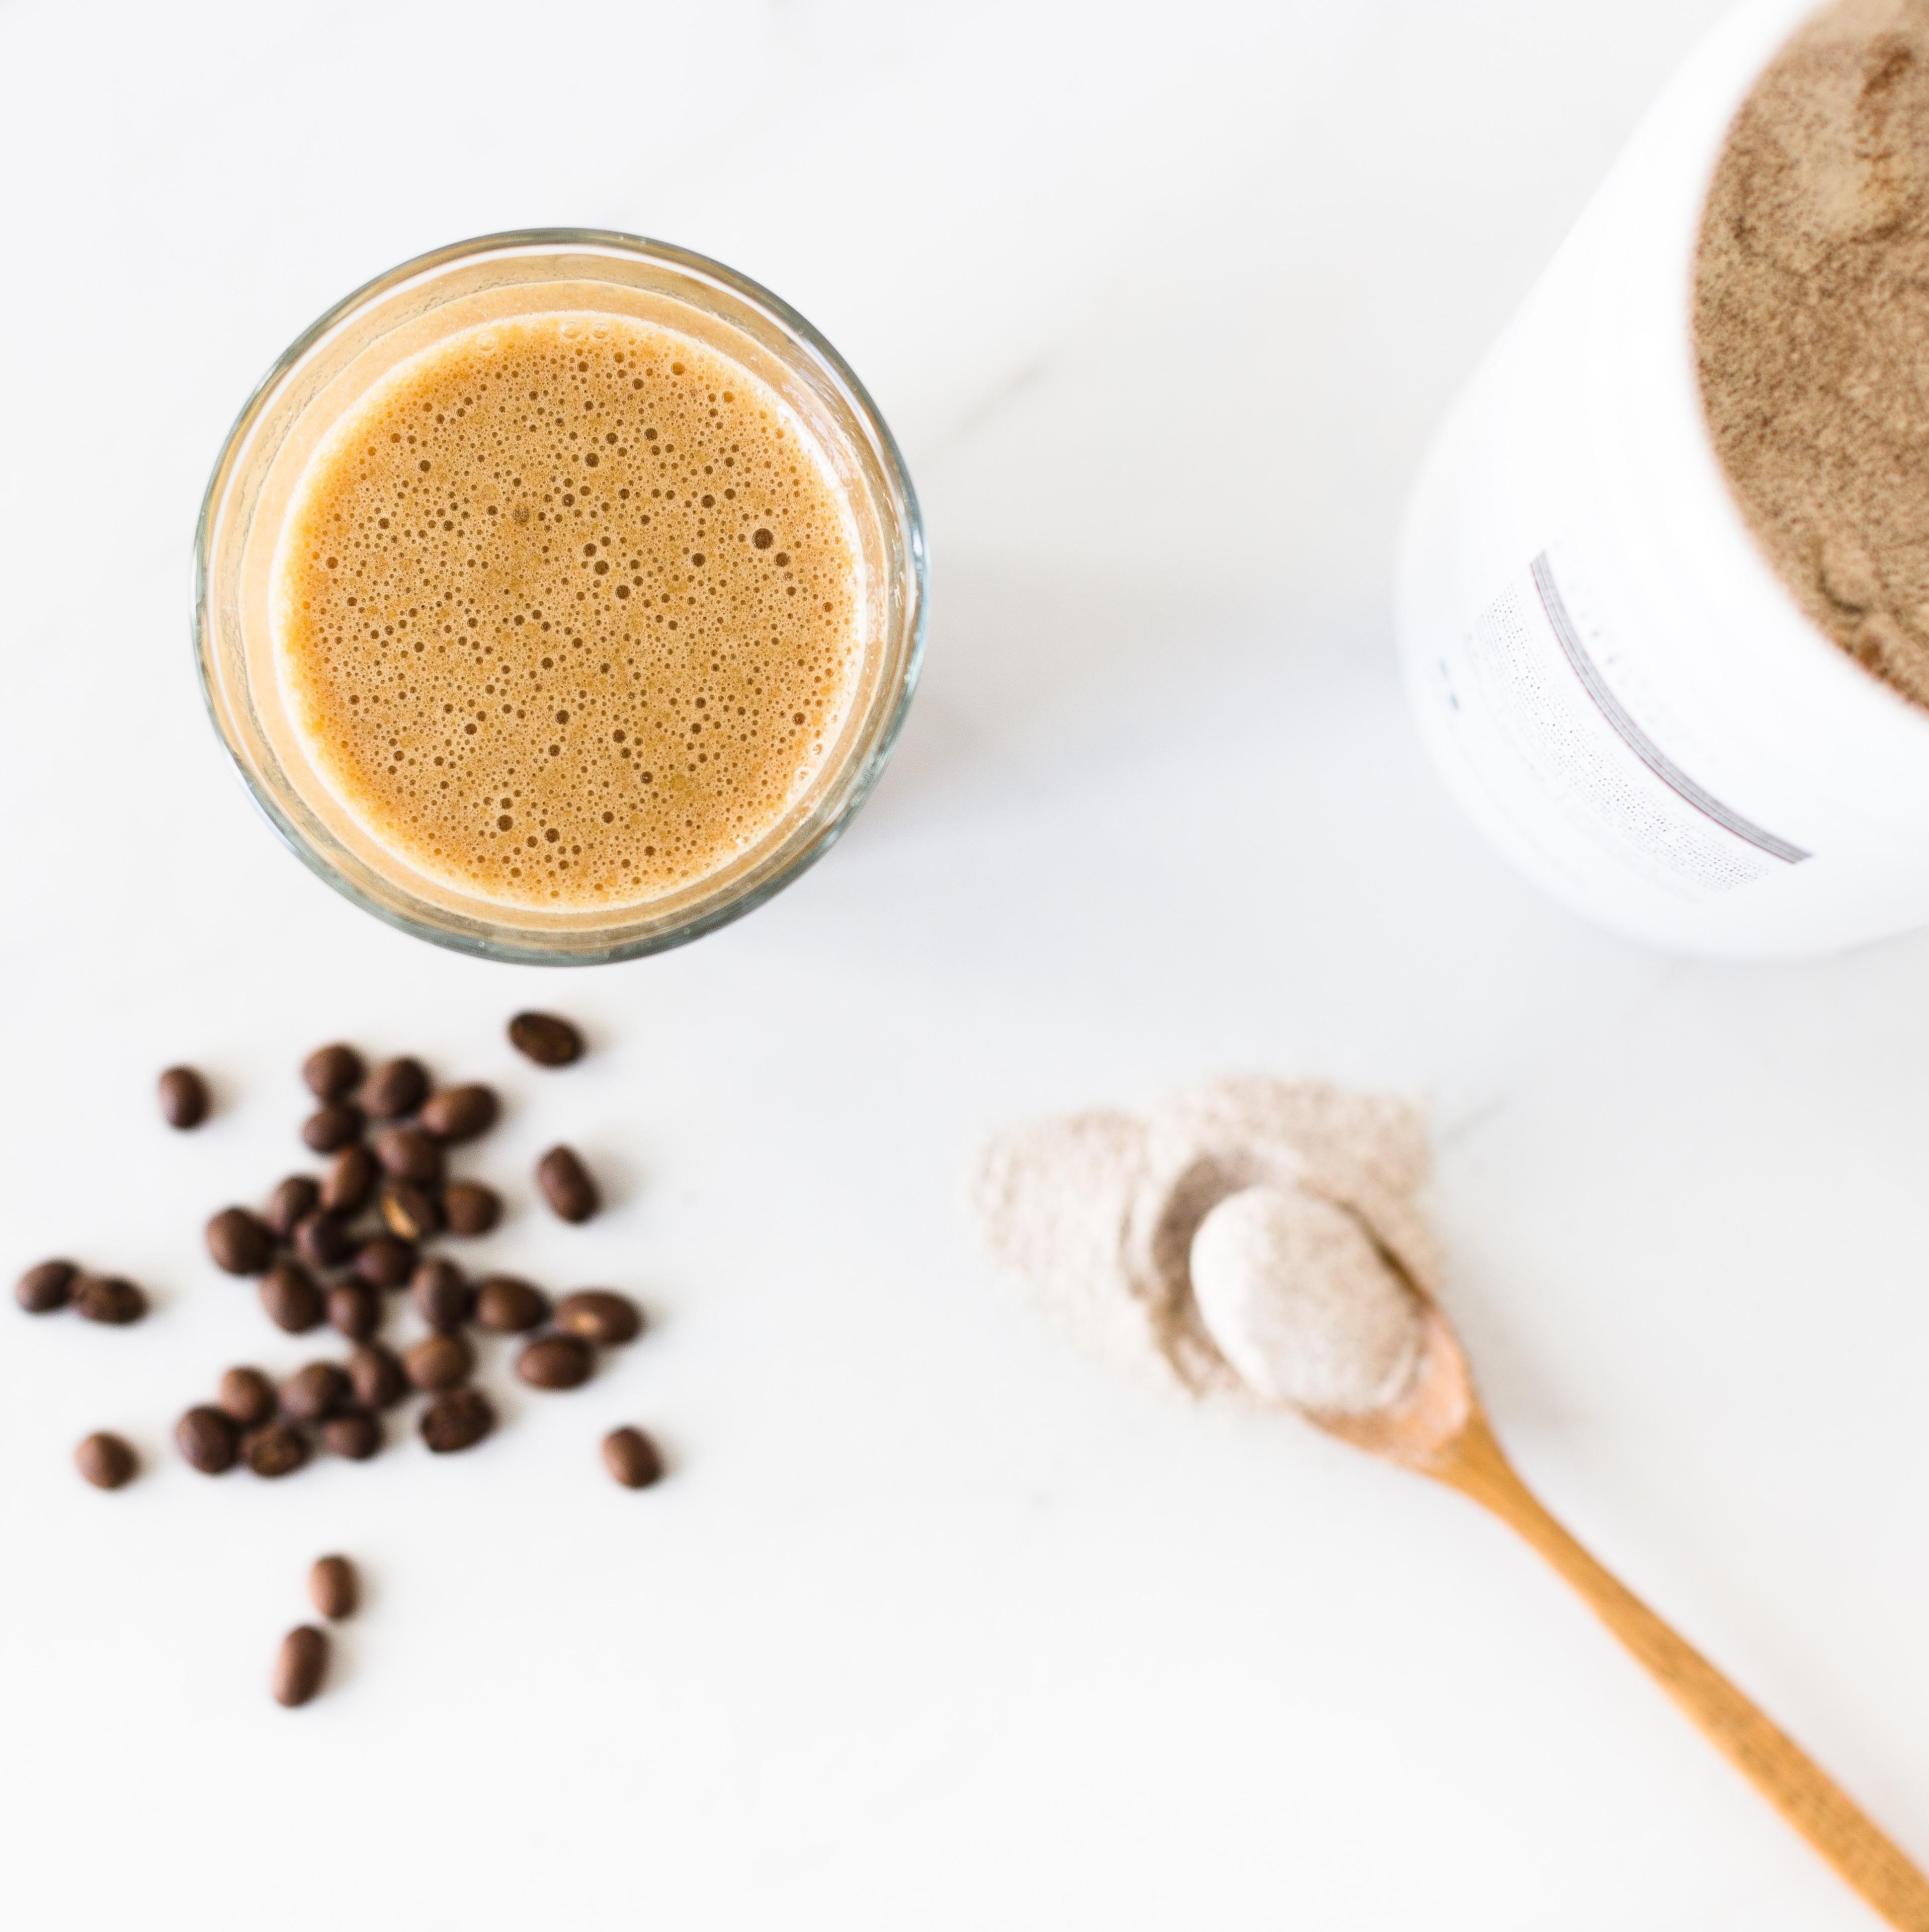 caffe-latte-xl-1350g